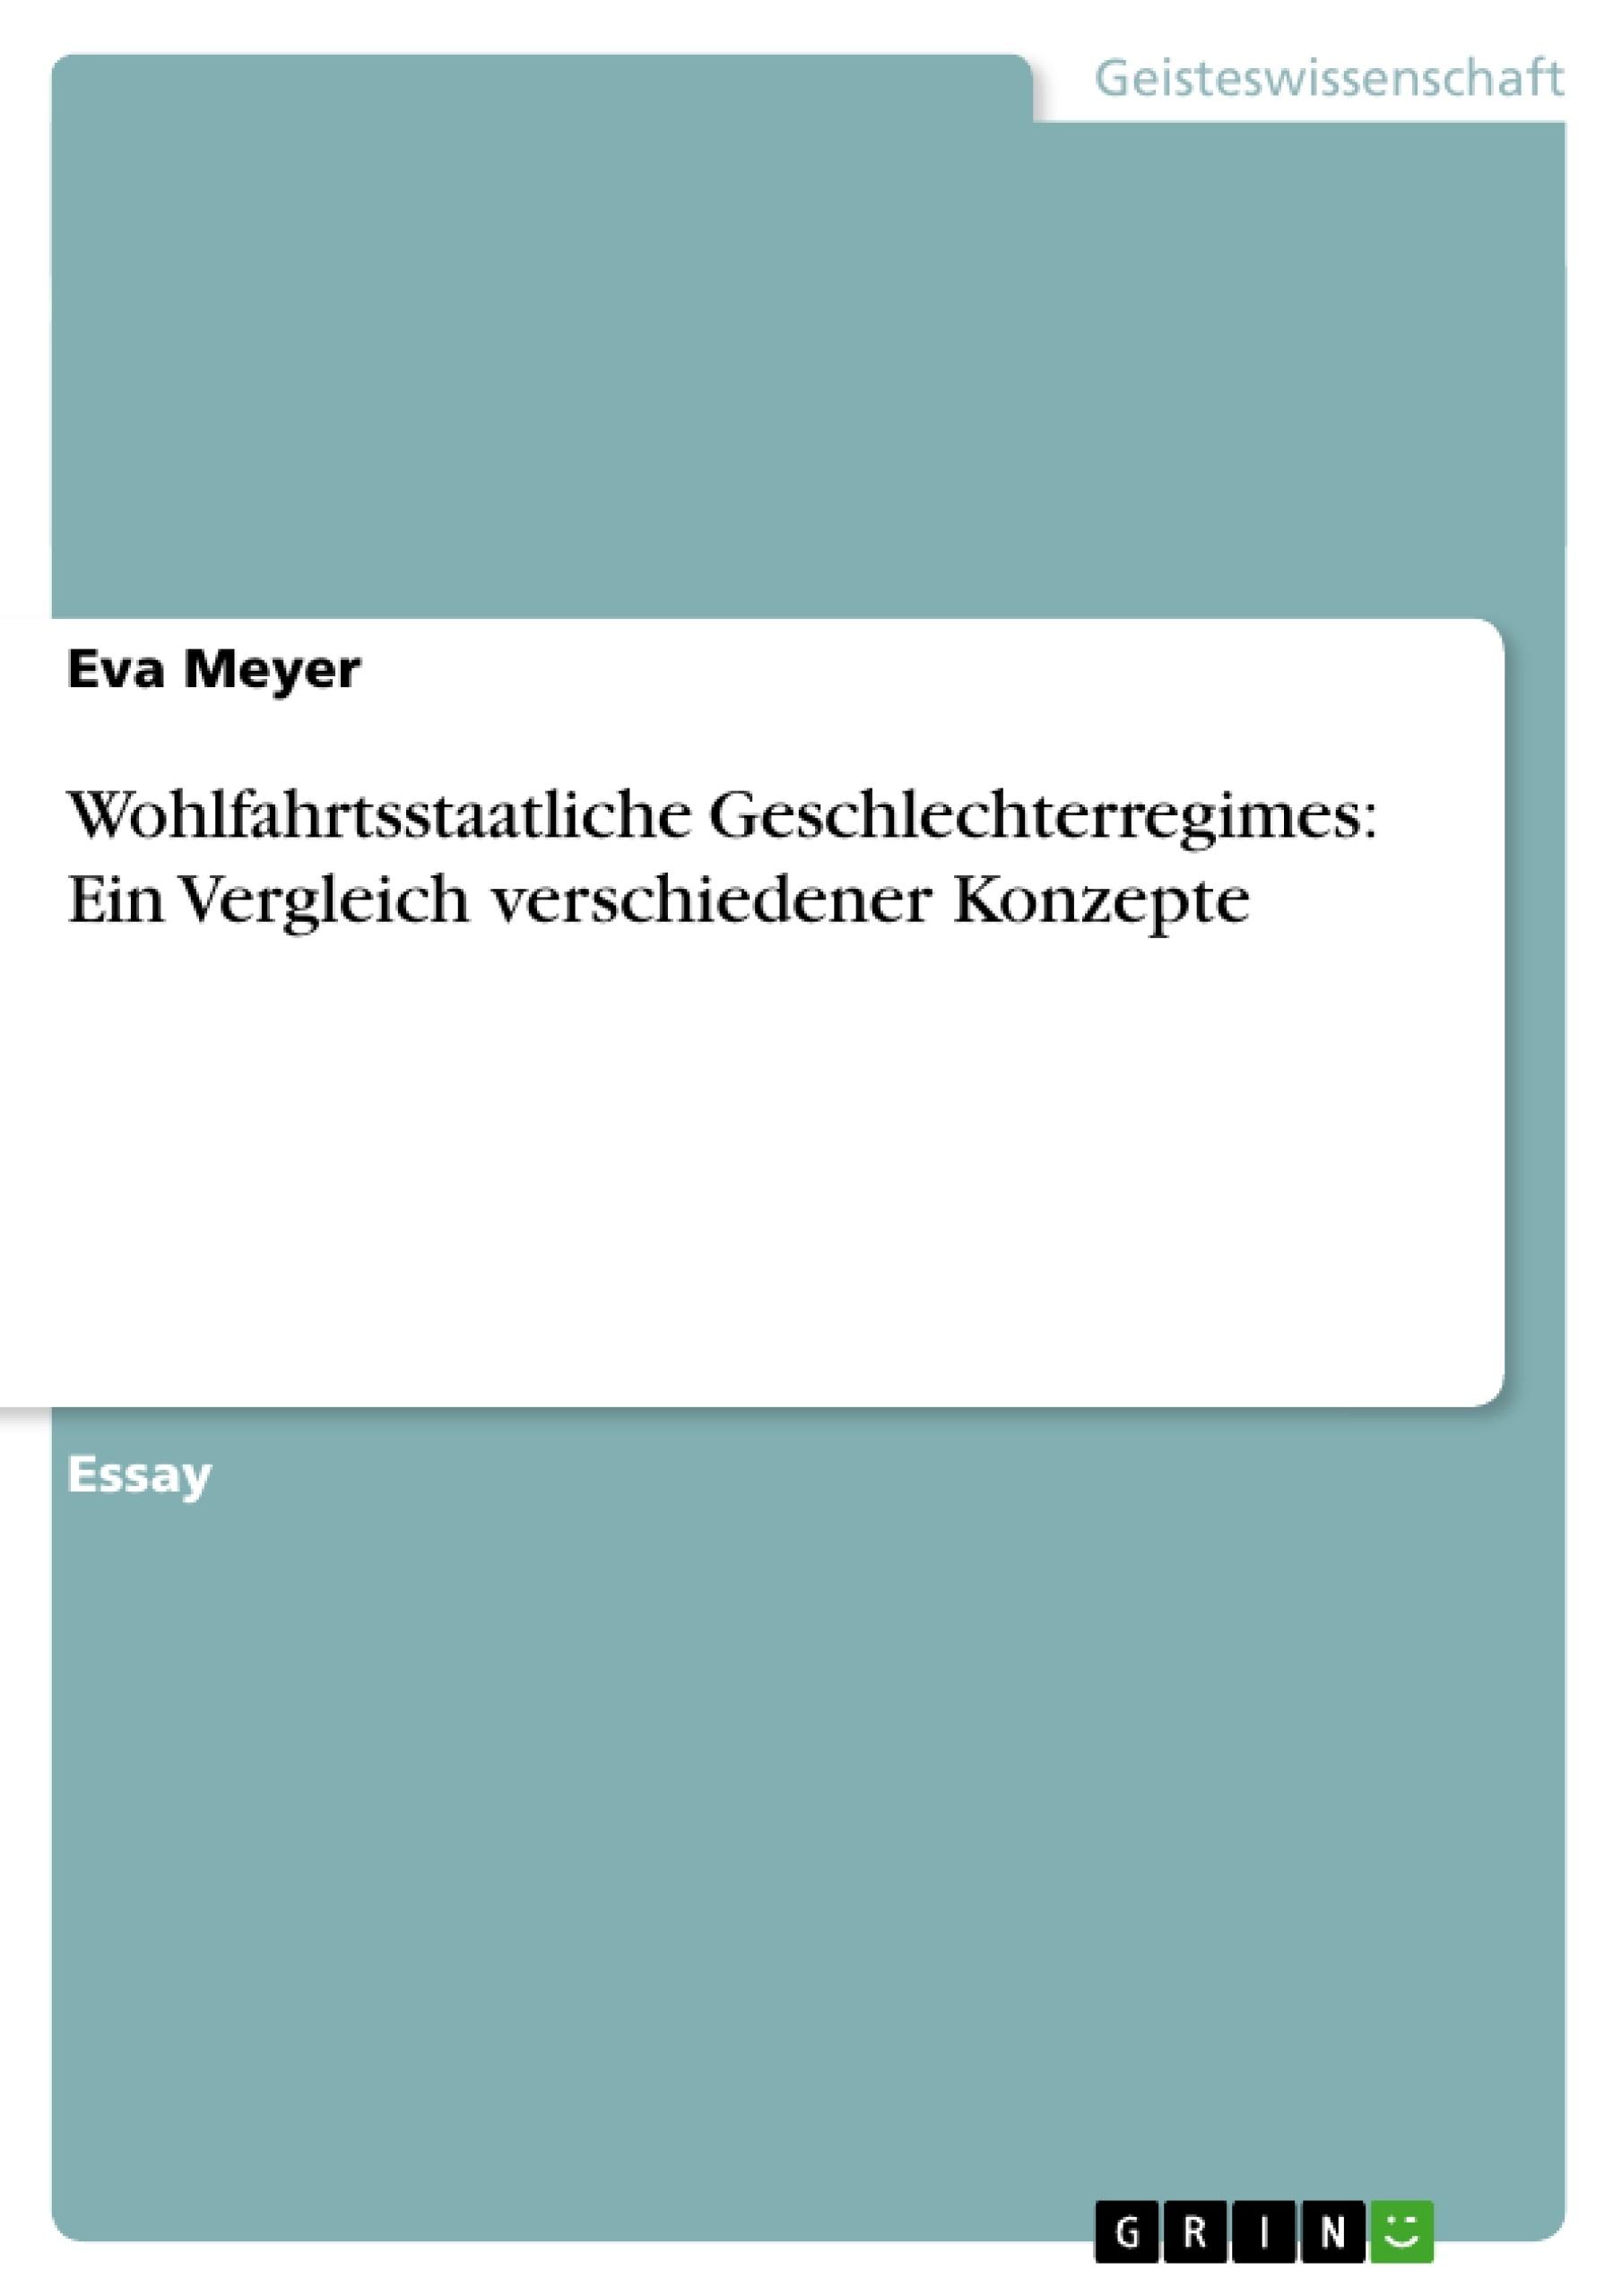 Titel: Wohlfahrtsstaatliche Geschlechterregimes: Ein Vergleich verschiedener Konzepte